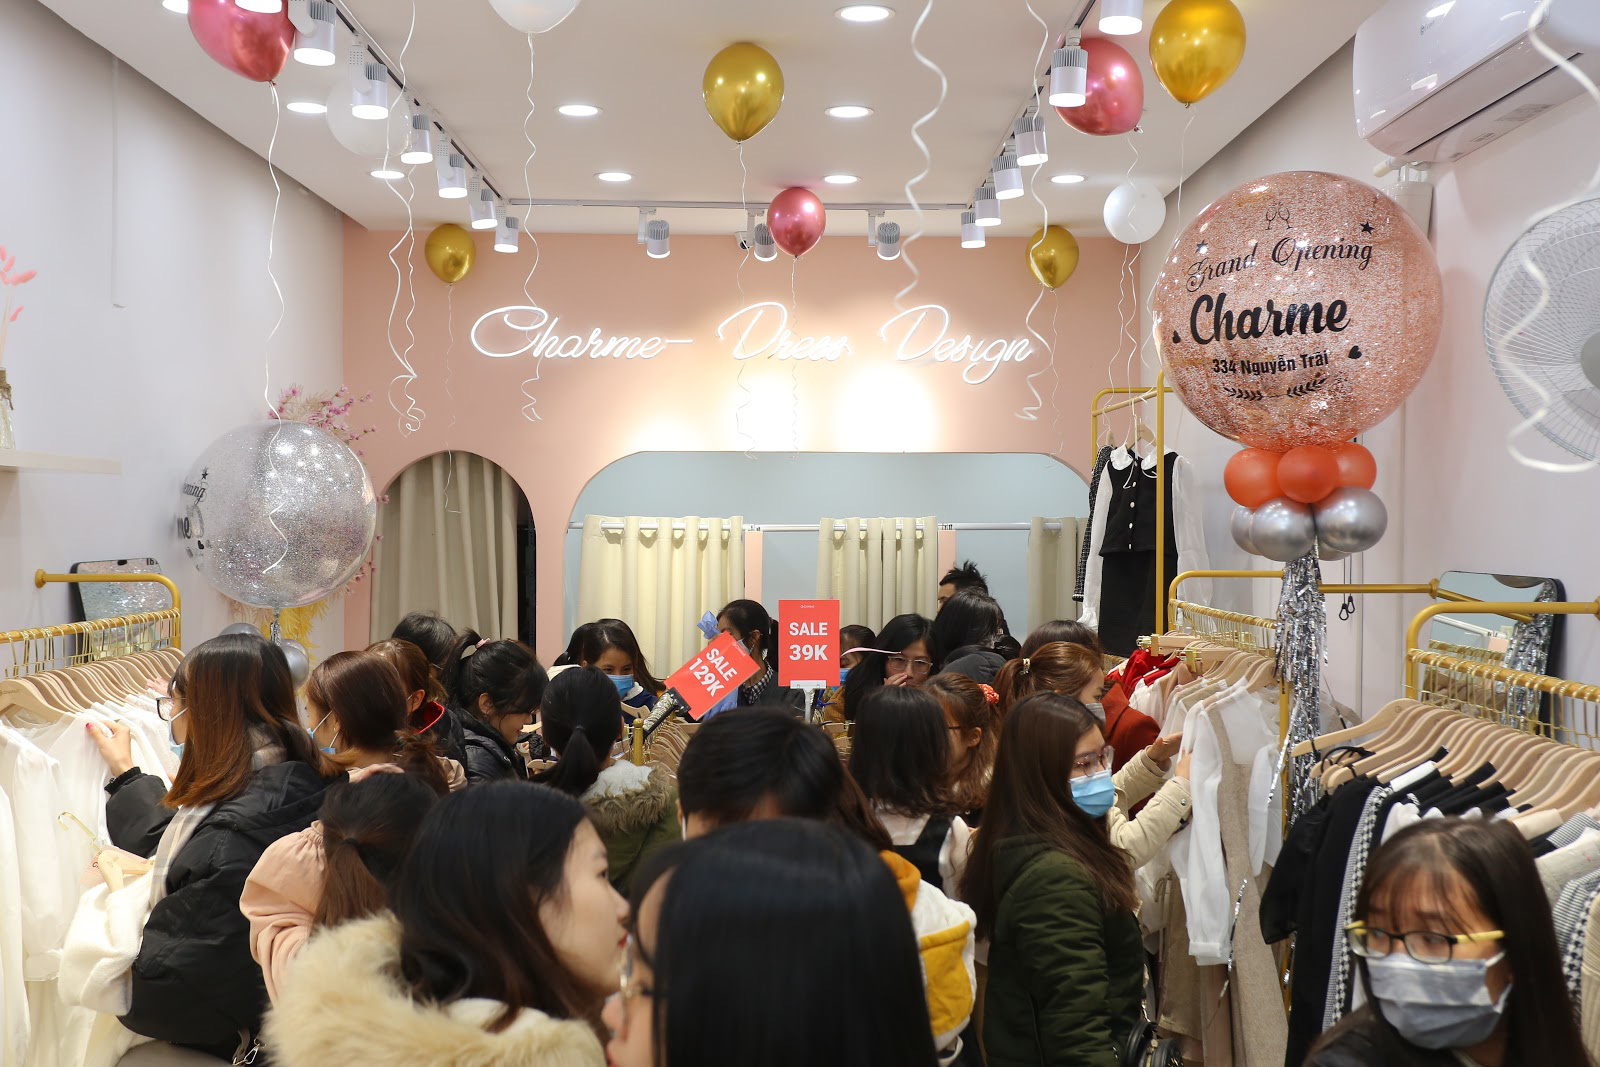 Chuỗi thời trang Charme Store và con đường chinh phục làng thời trang thiết kế chỉ từ số vốn 30 triệu - Ảnh 4.